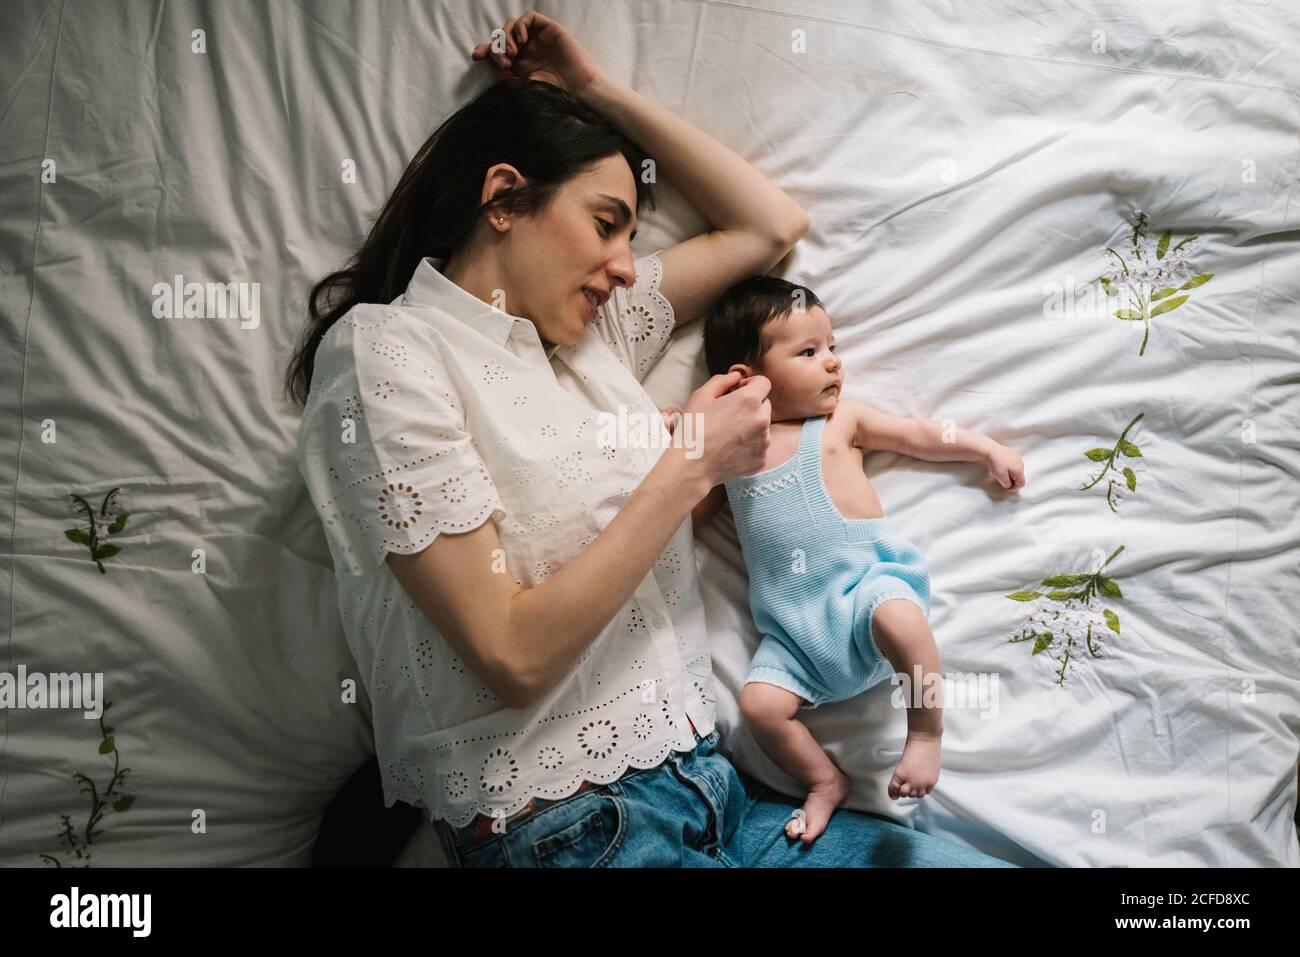 Belle femme adulte touchant doucement bébé doux tout en étant couché lit confortable Banque D'Images